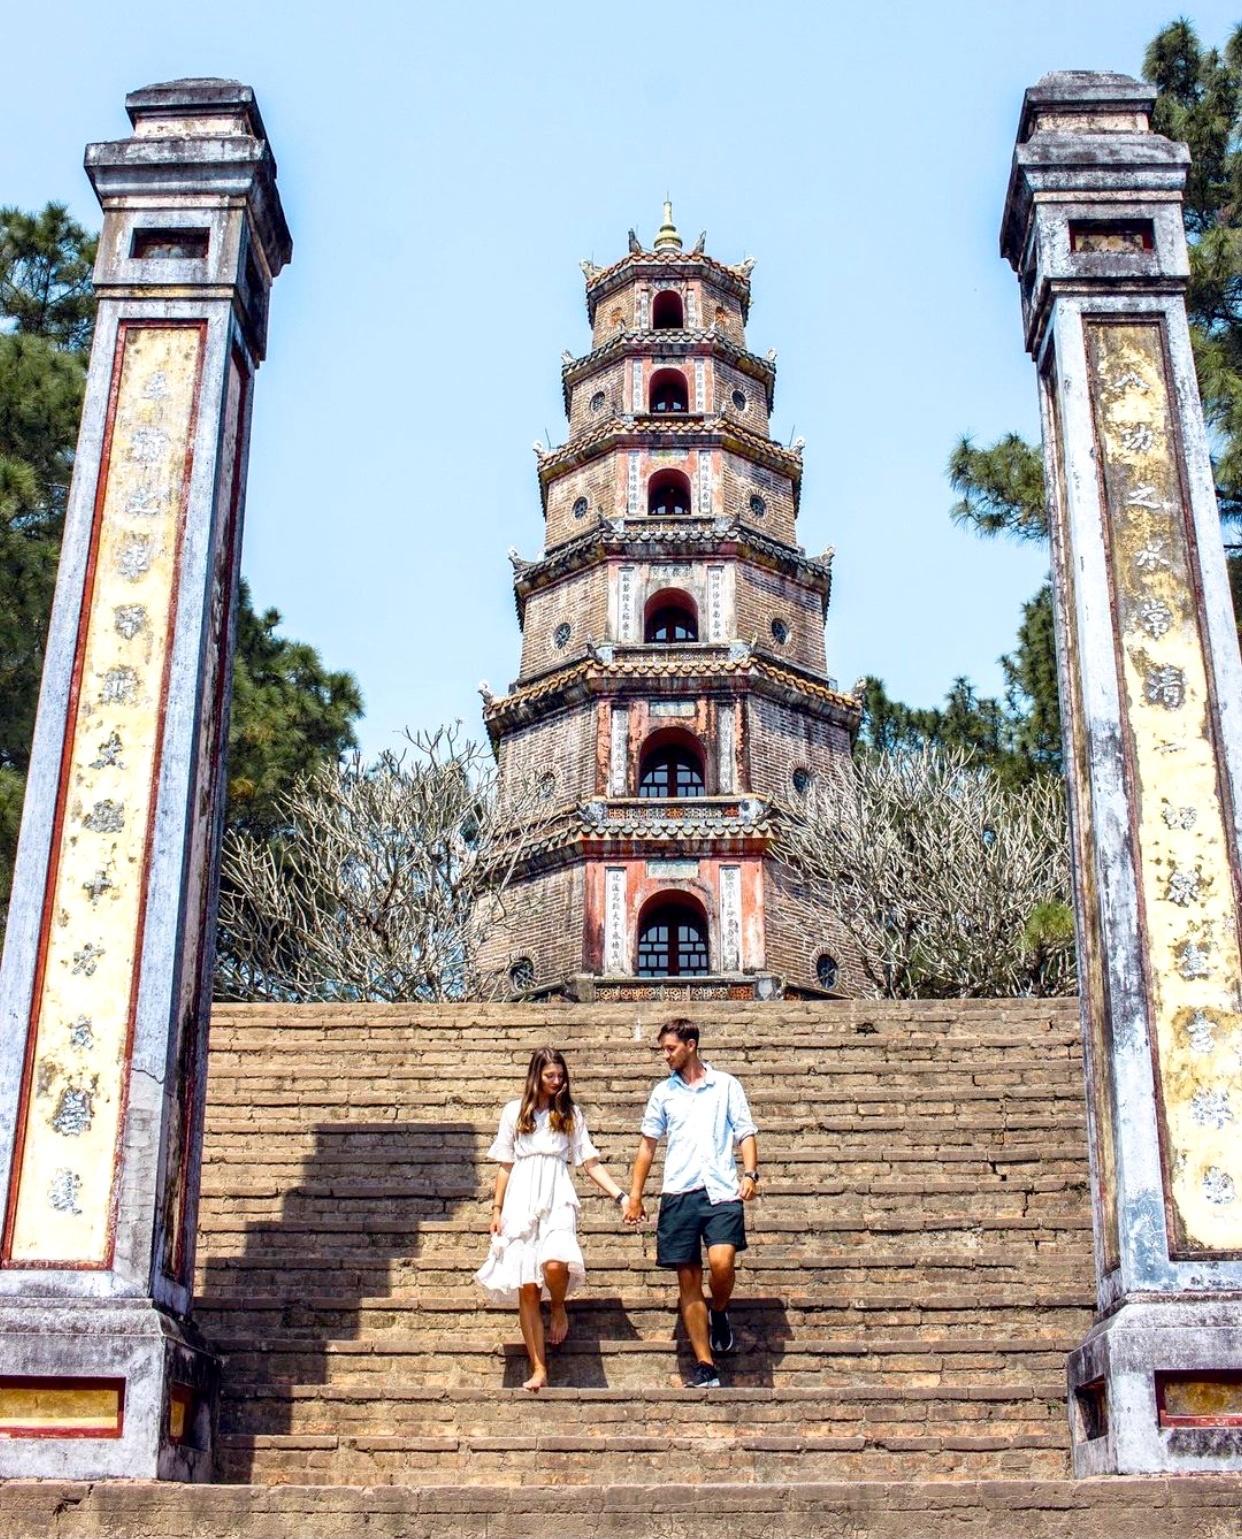 Nhung ngoi chua noi tieng Viet Nam anh 4  - IMG_8371 - Loạt tháp chùa đạt kỷ lục ở Việt Nam